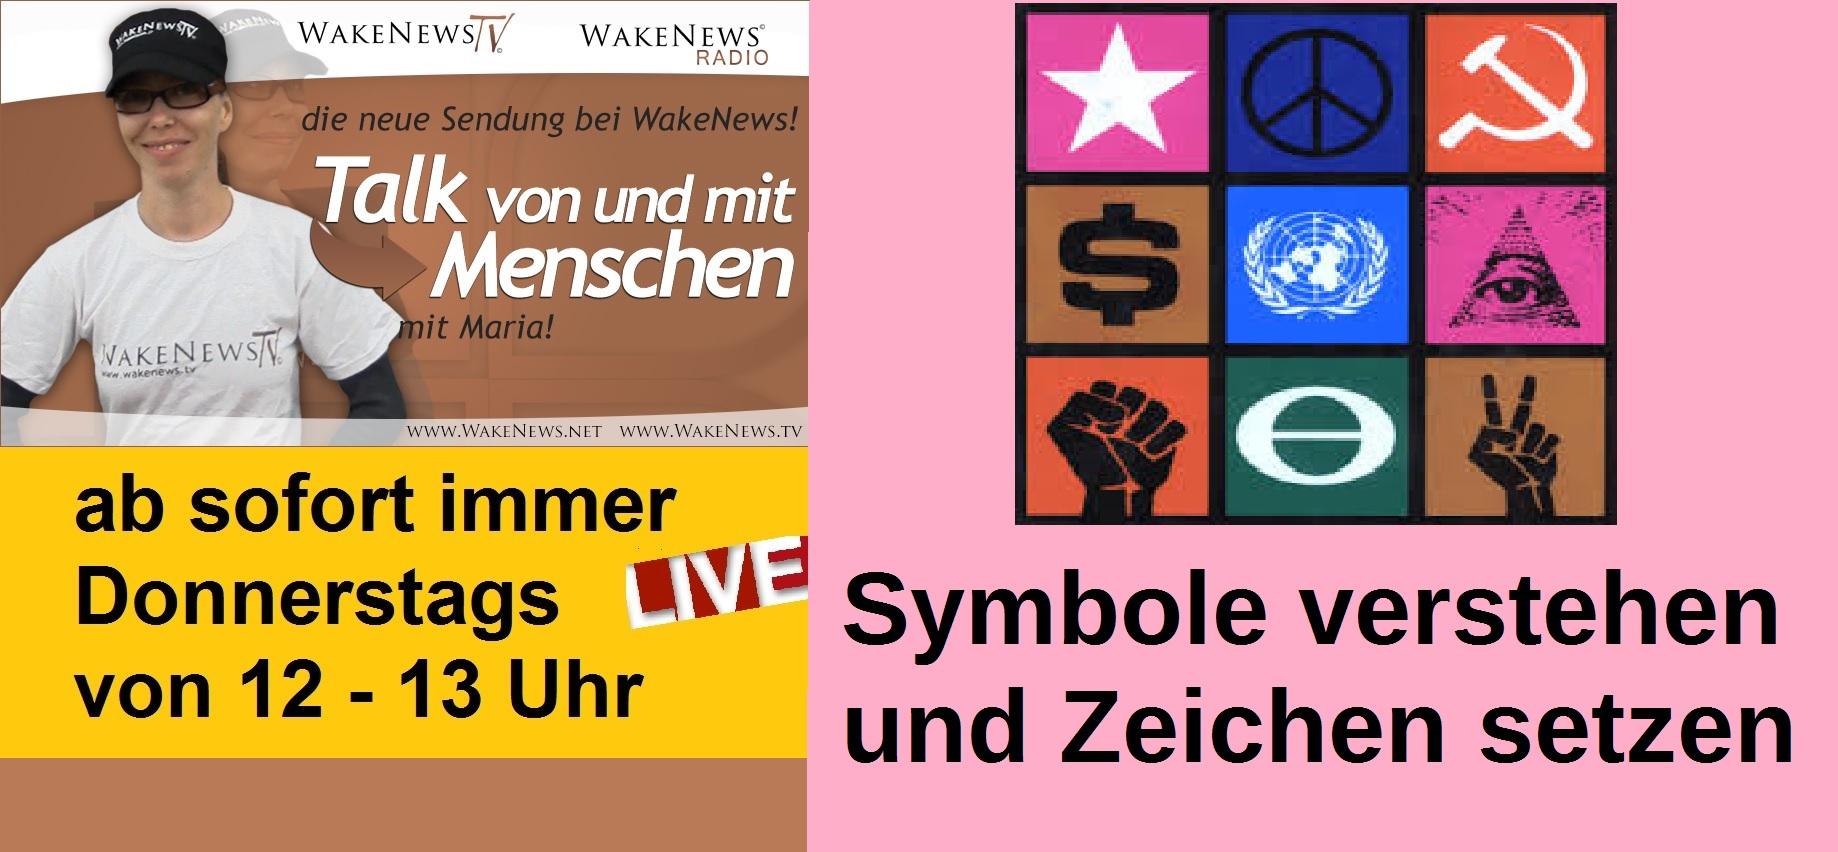 Symbole verstehen und Zeichen setzen – Talk von und mit Menschen mit ...